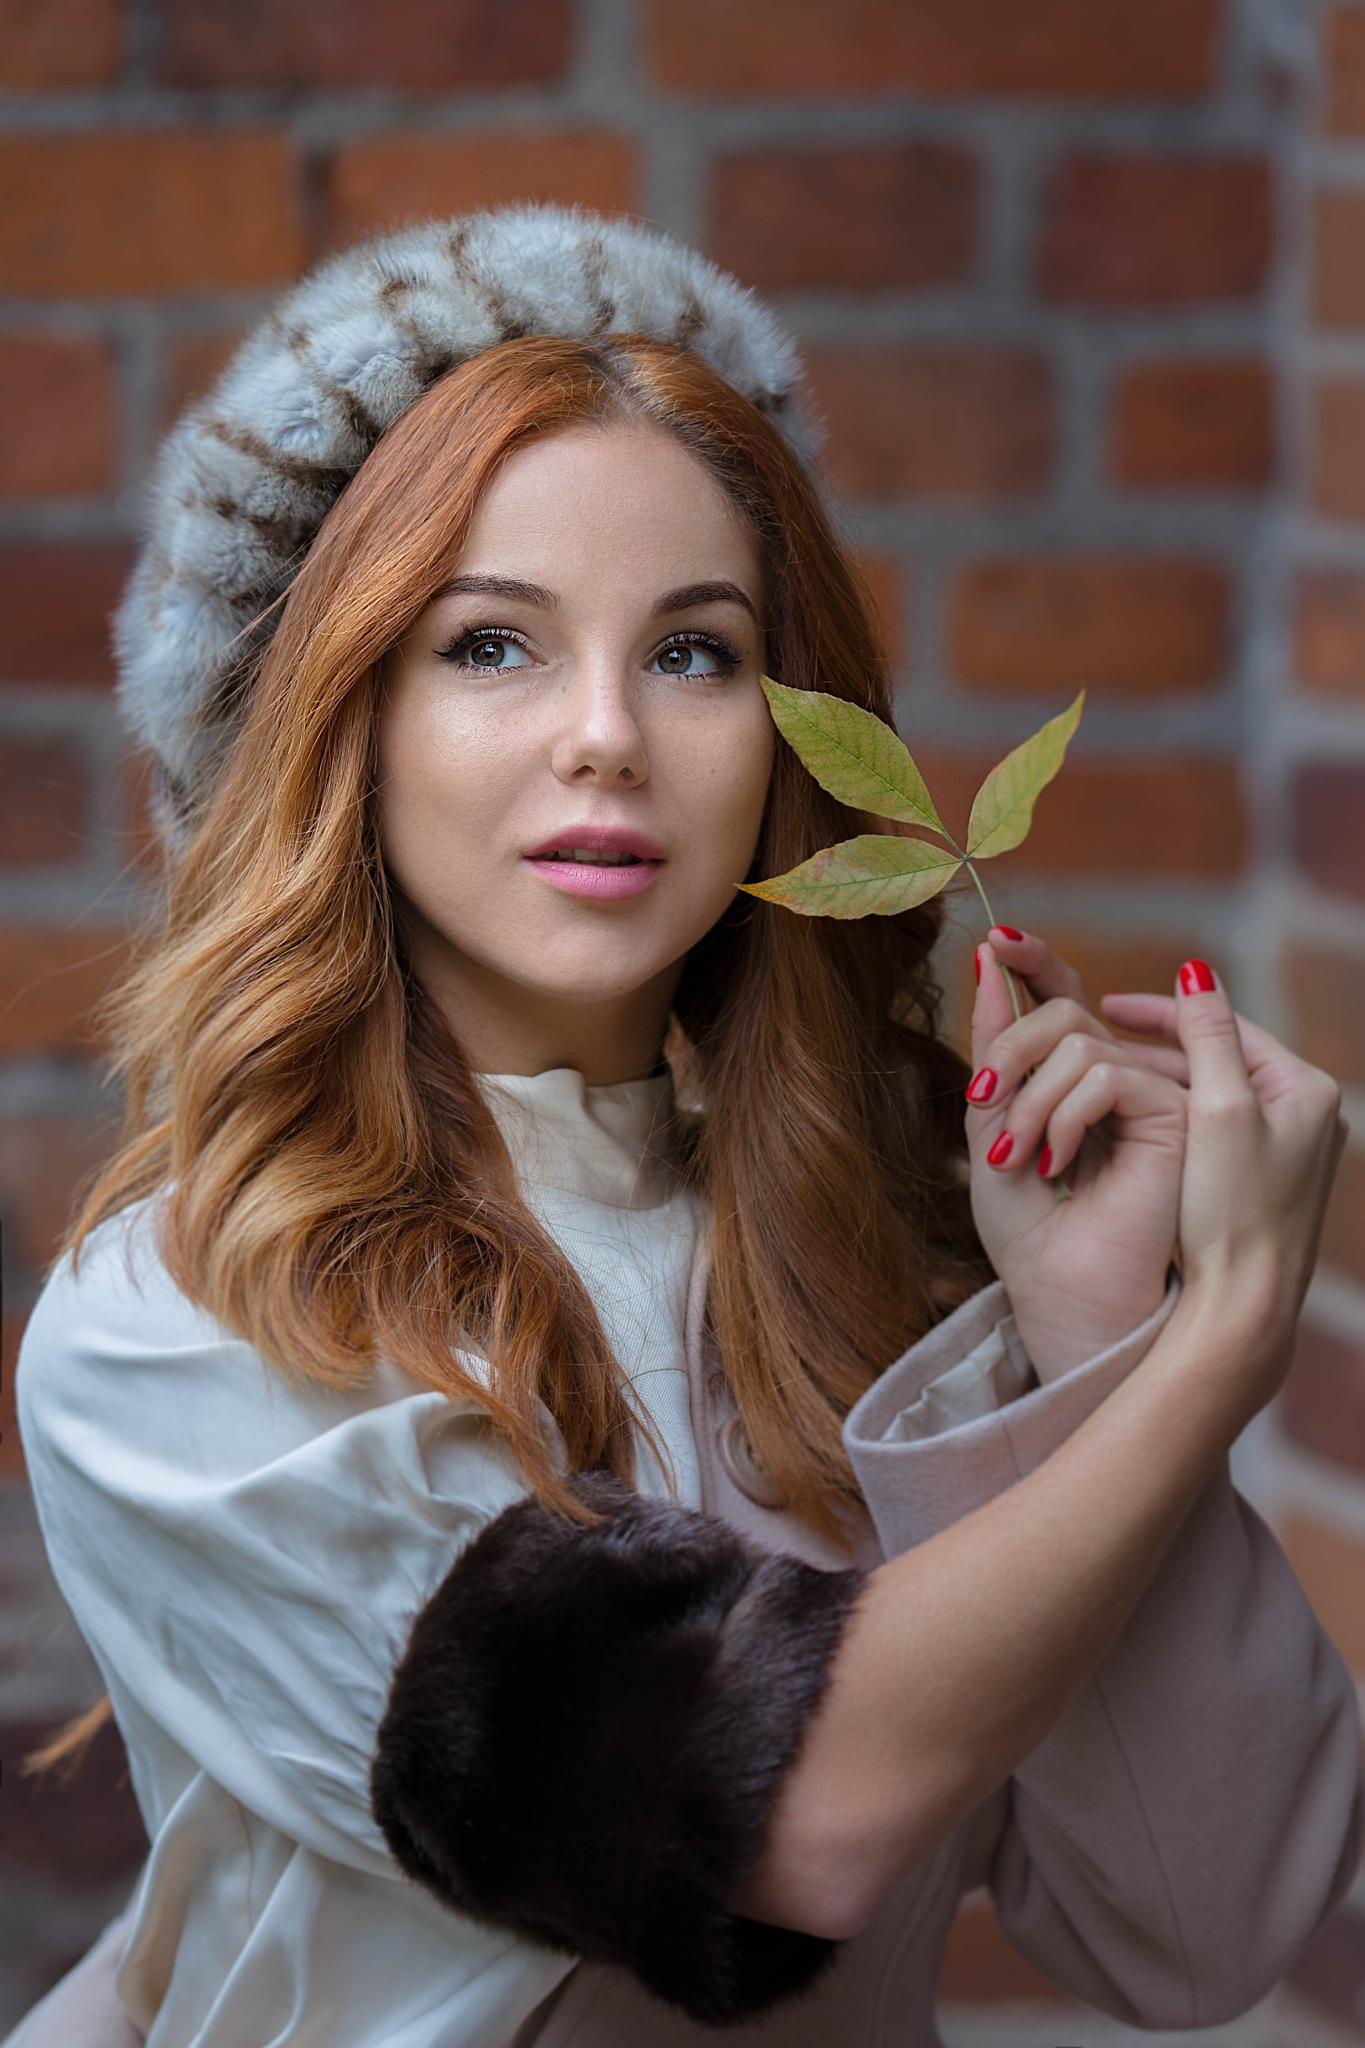 russian woman  by Alla Toporskaya